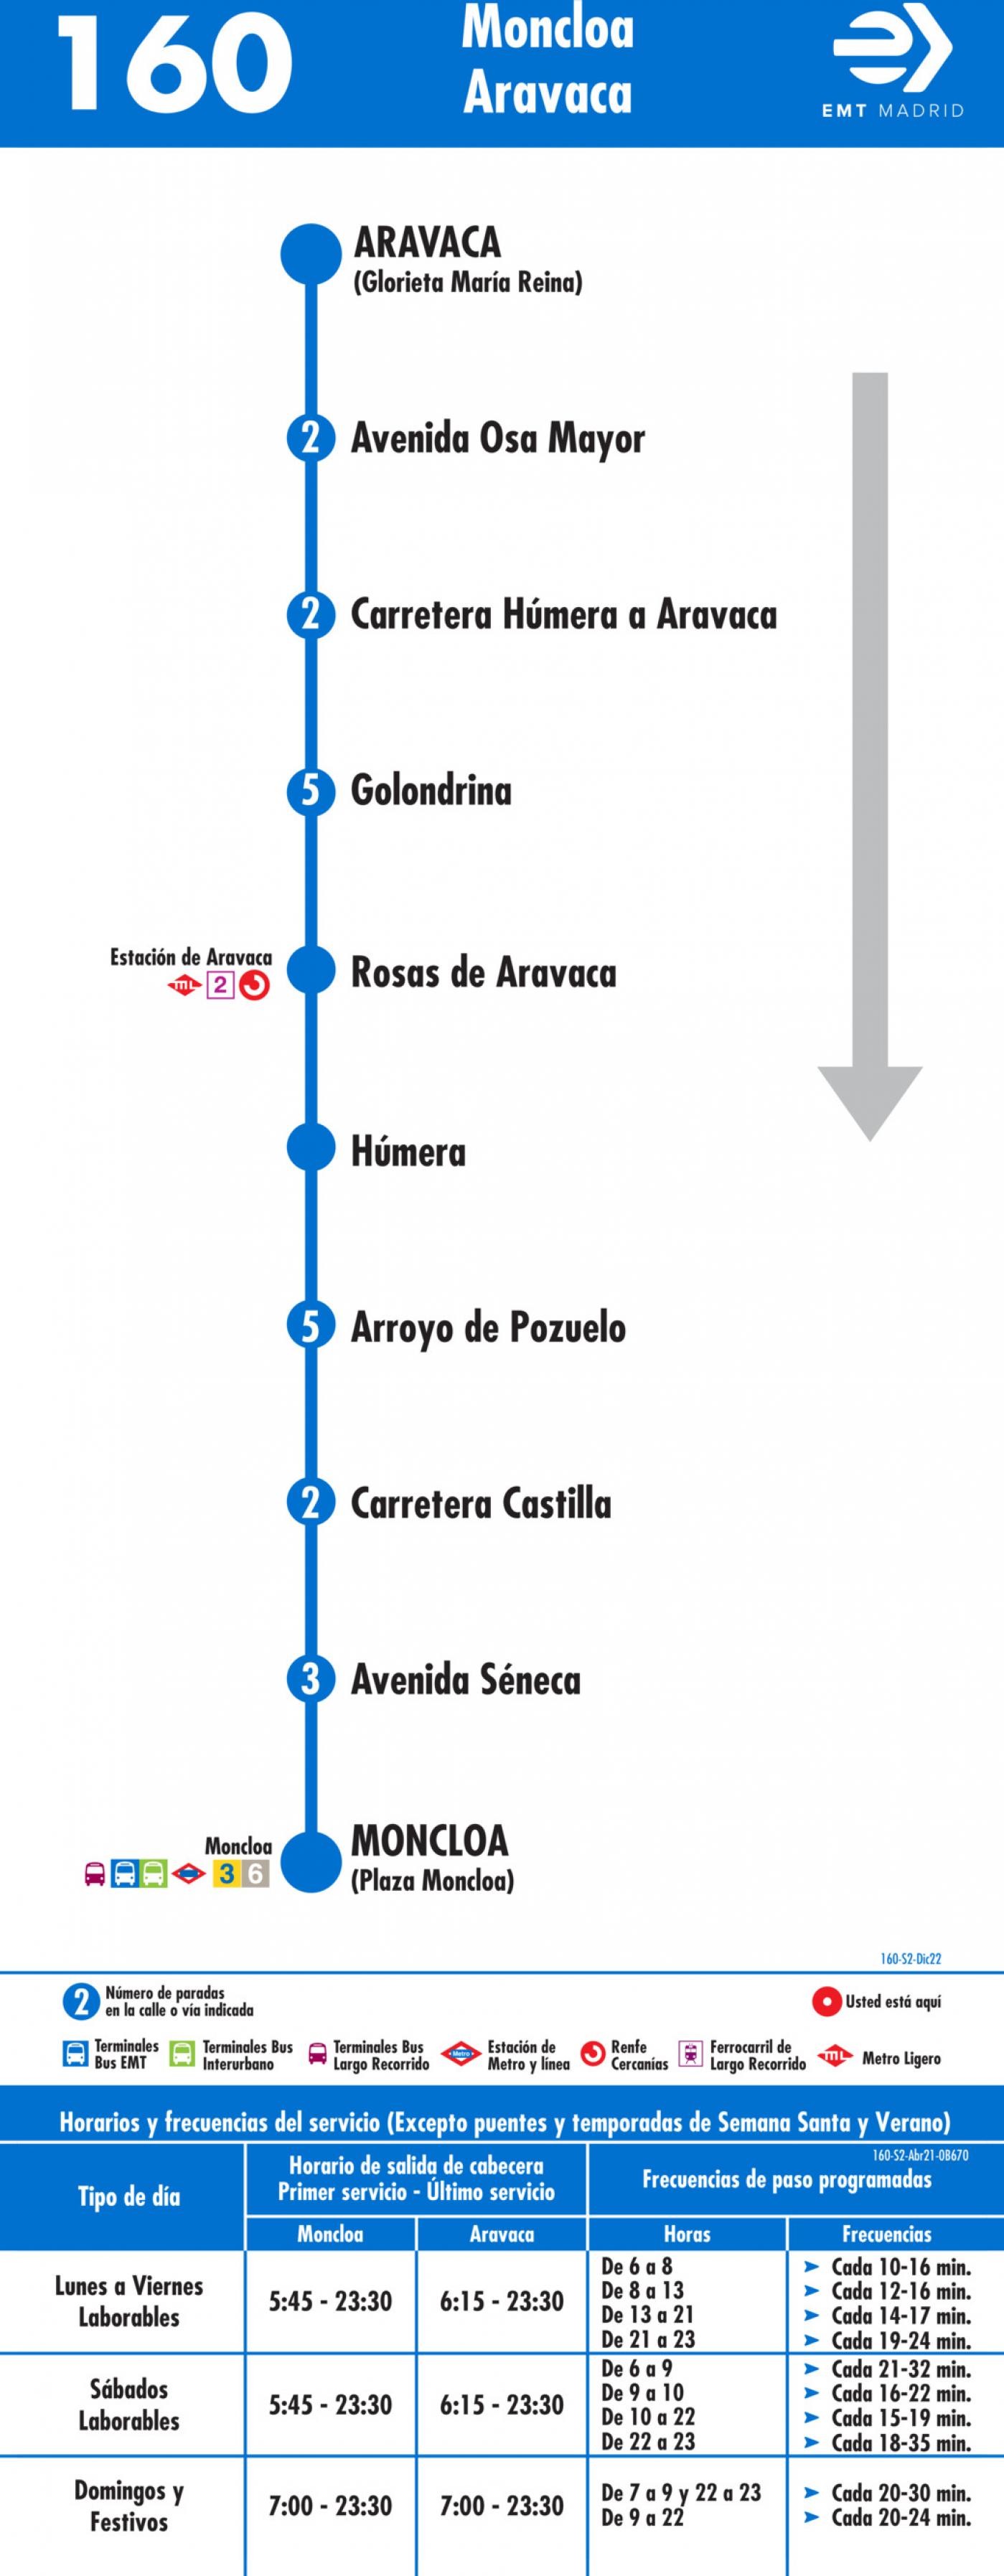 Tabla de horarios y frecuencias de paso en sentido vuelta Línea 160: Moncloa - Aravaca